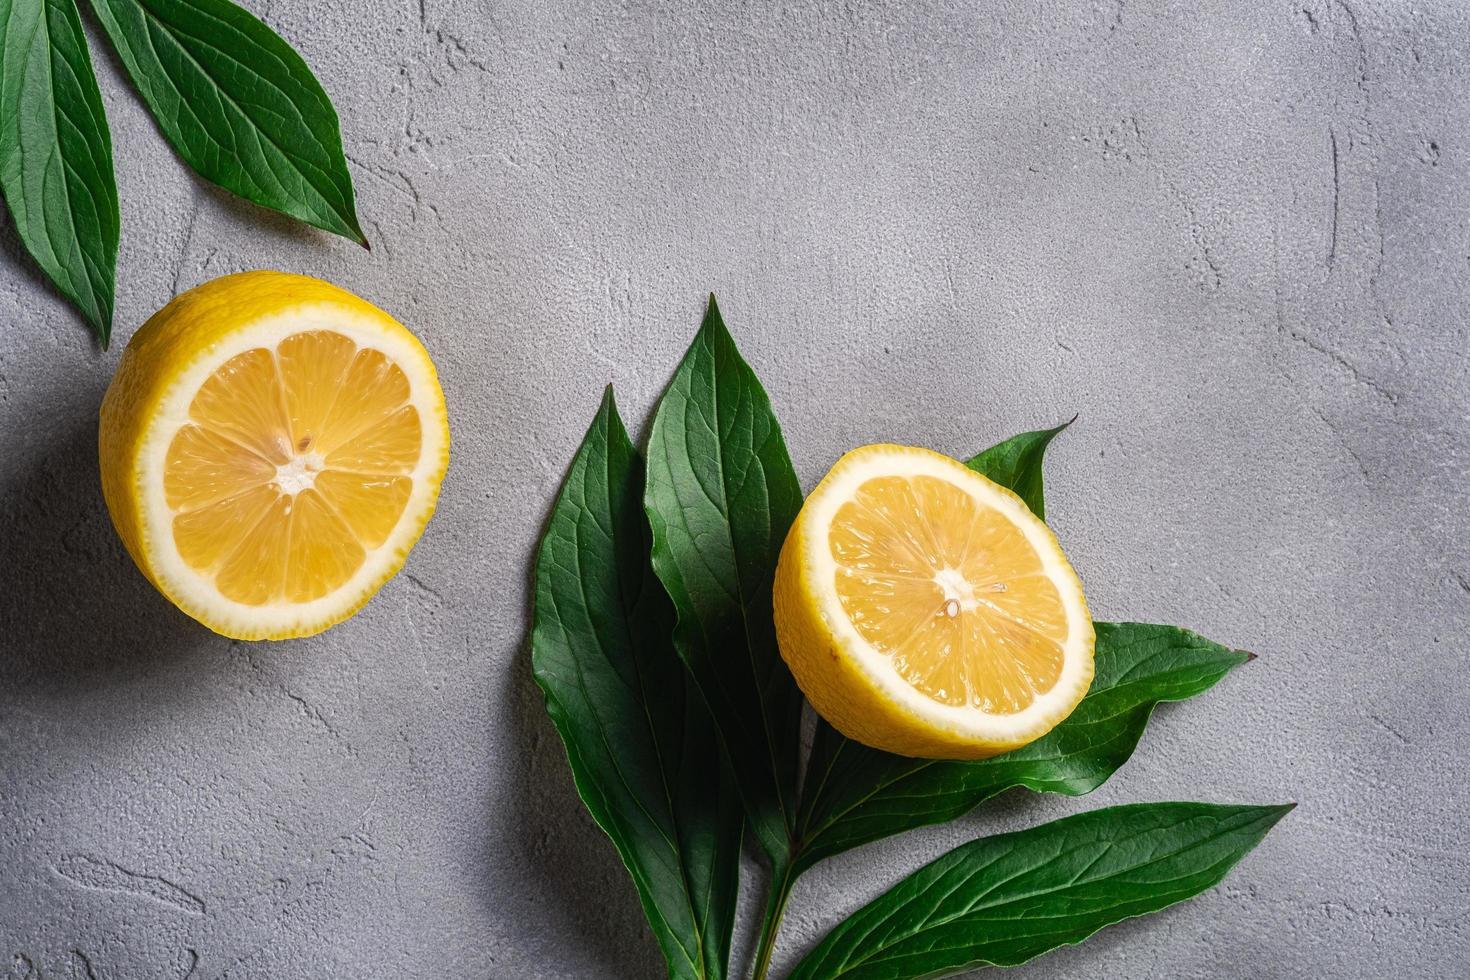 zwei Zitronenscheiben mit grünen Blättern auf grauem Betonhintergrund foto